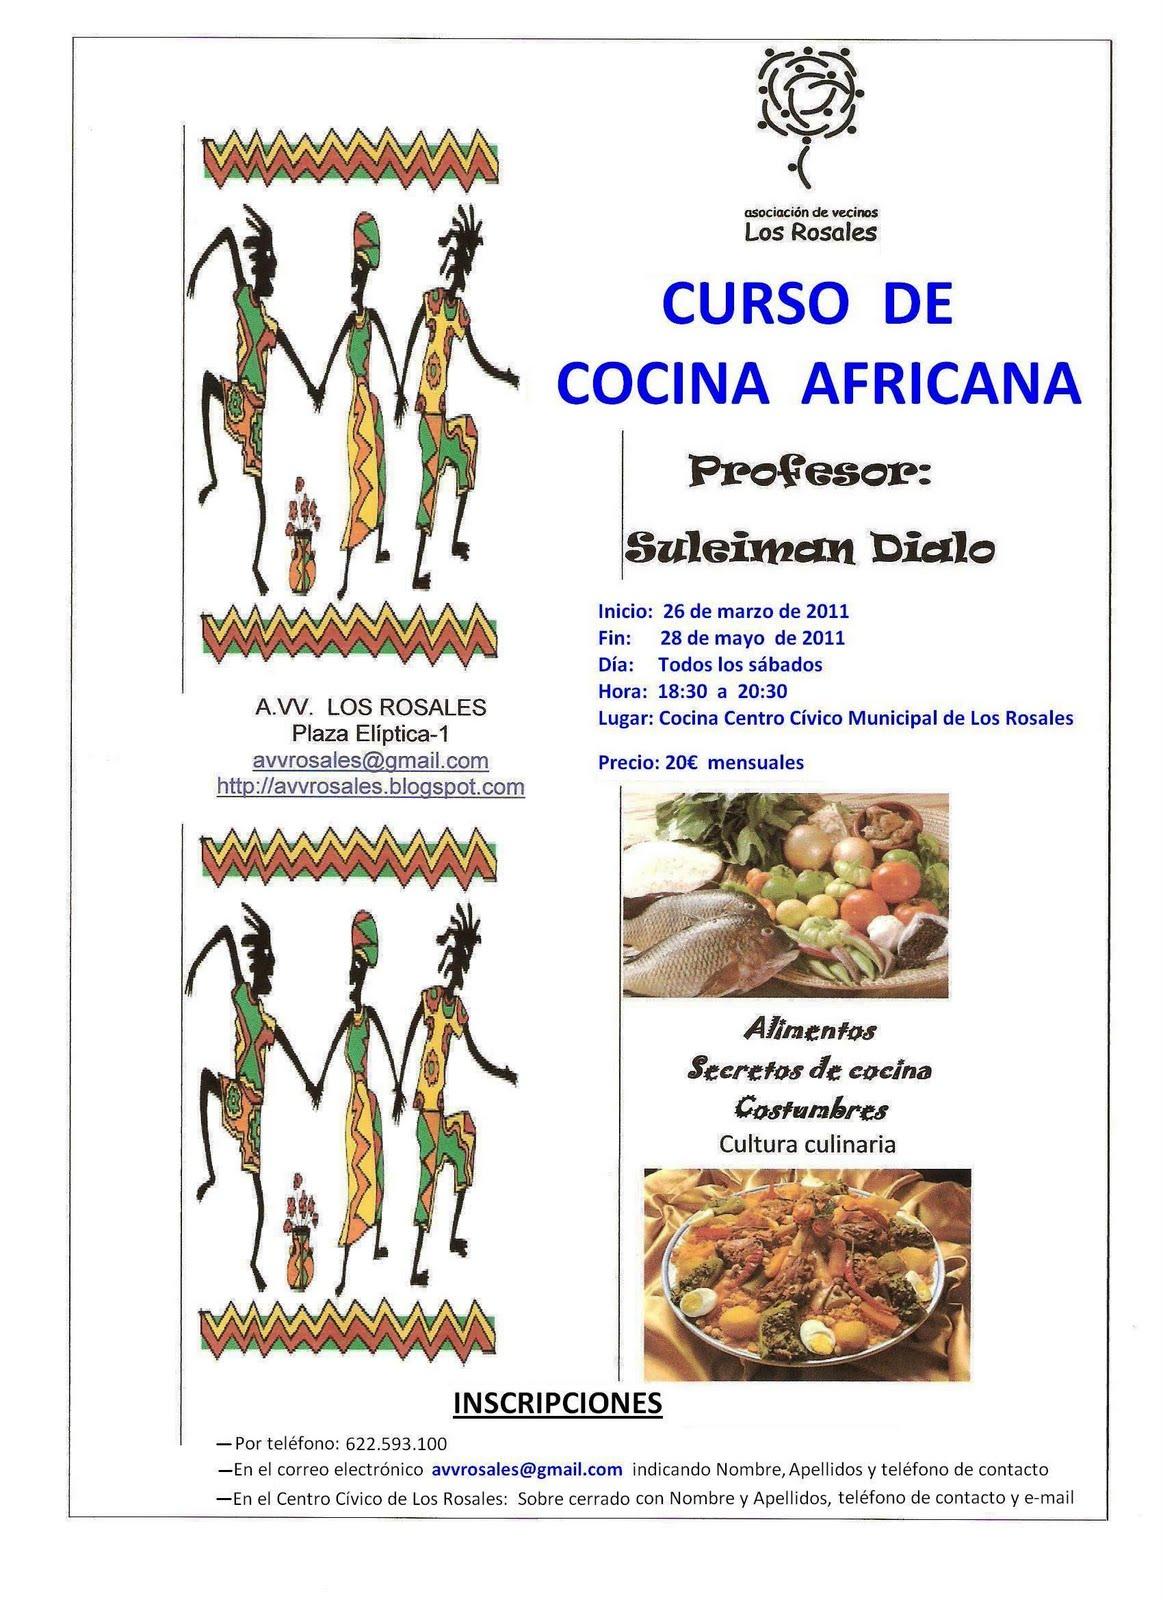 A vecinal cultural y deportiva los rosales inscripci n - Curso de cocina para solteros ...